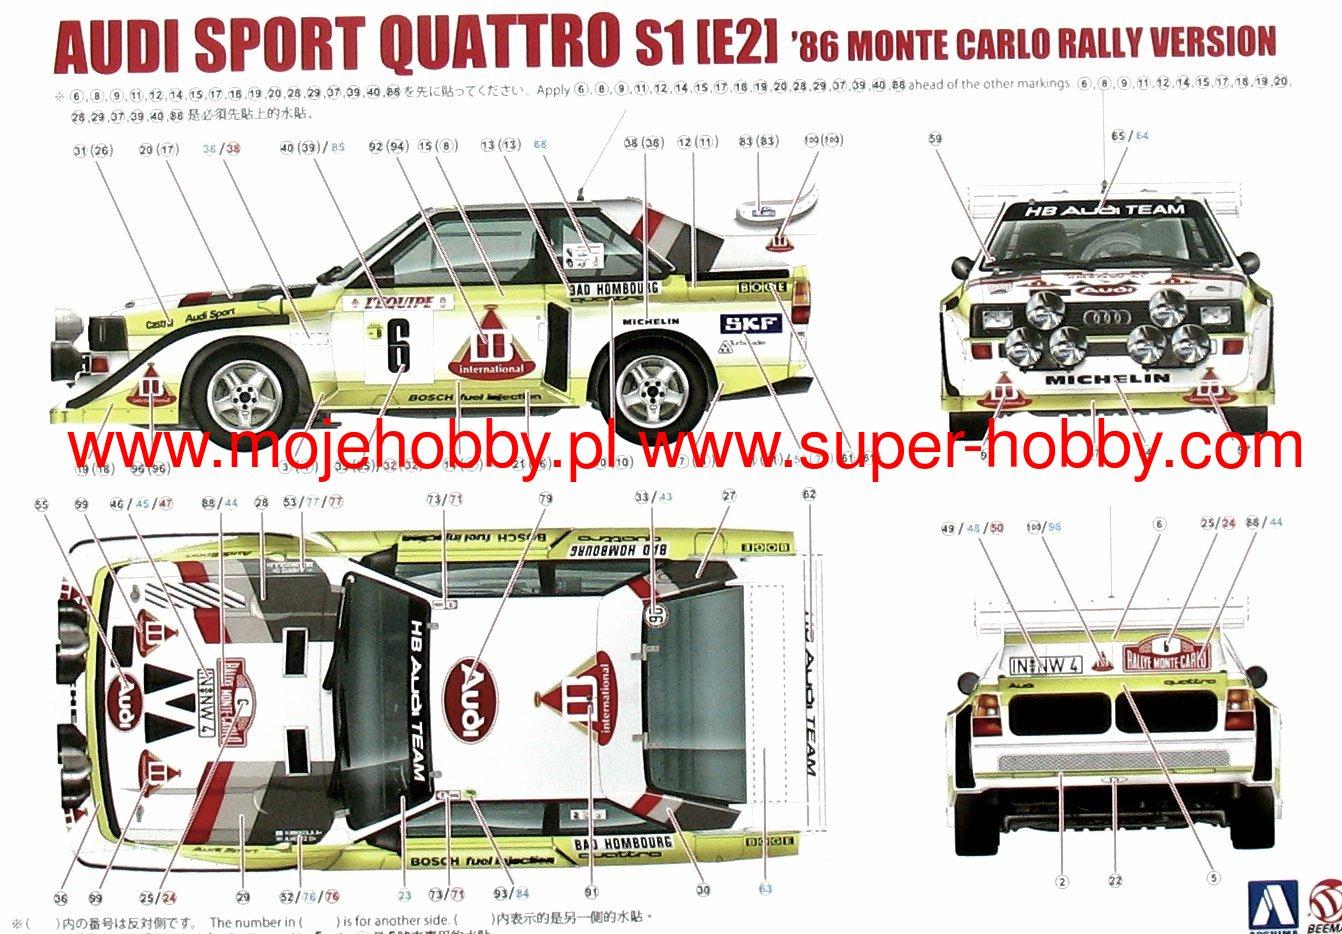 Audi Sport Quattro S200 [E20] '20 Monte Carlo Rally Version. Beemax ...